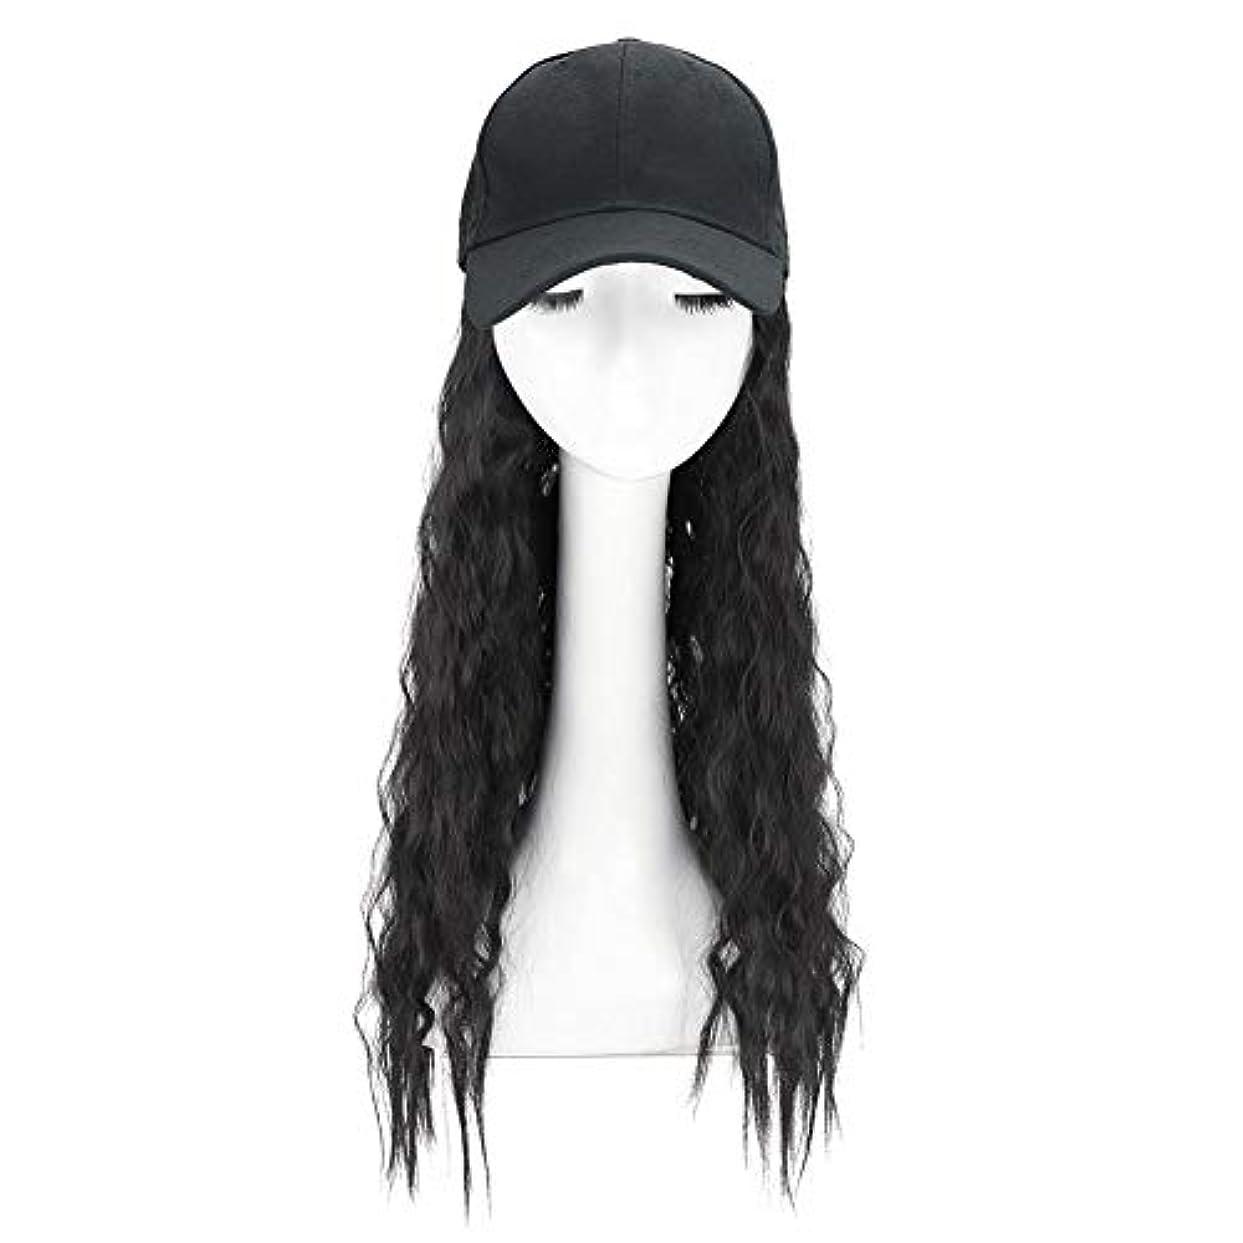 事件、出来事嬉しいですコスチュームBrill(ブリーオ)帽子ロングカーリーウェーブ女性ファッション野球帽ブラックウィッグ